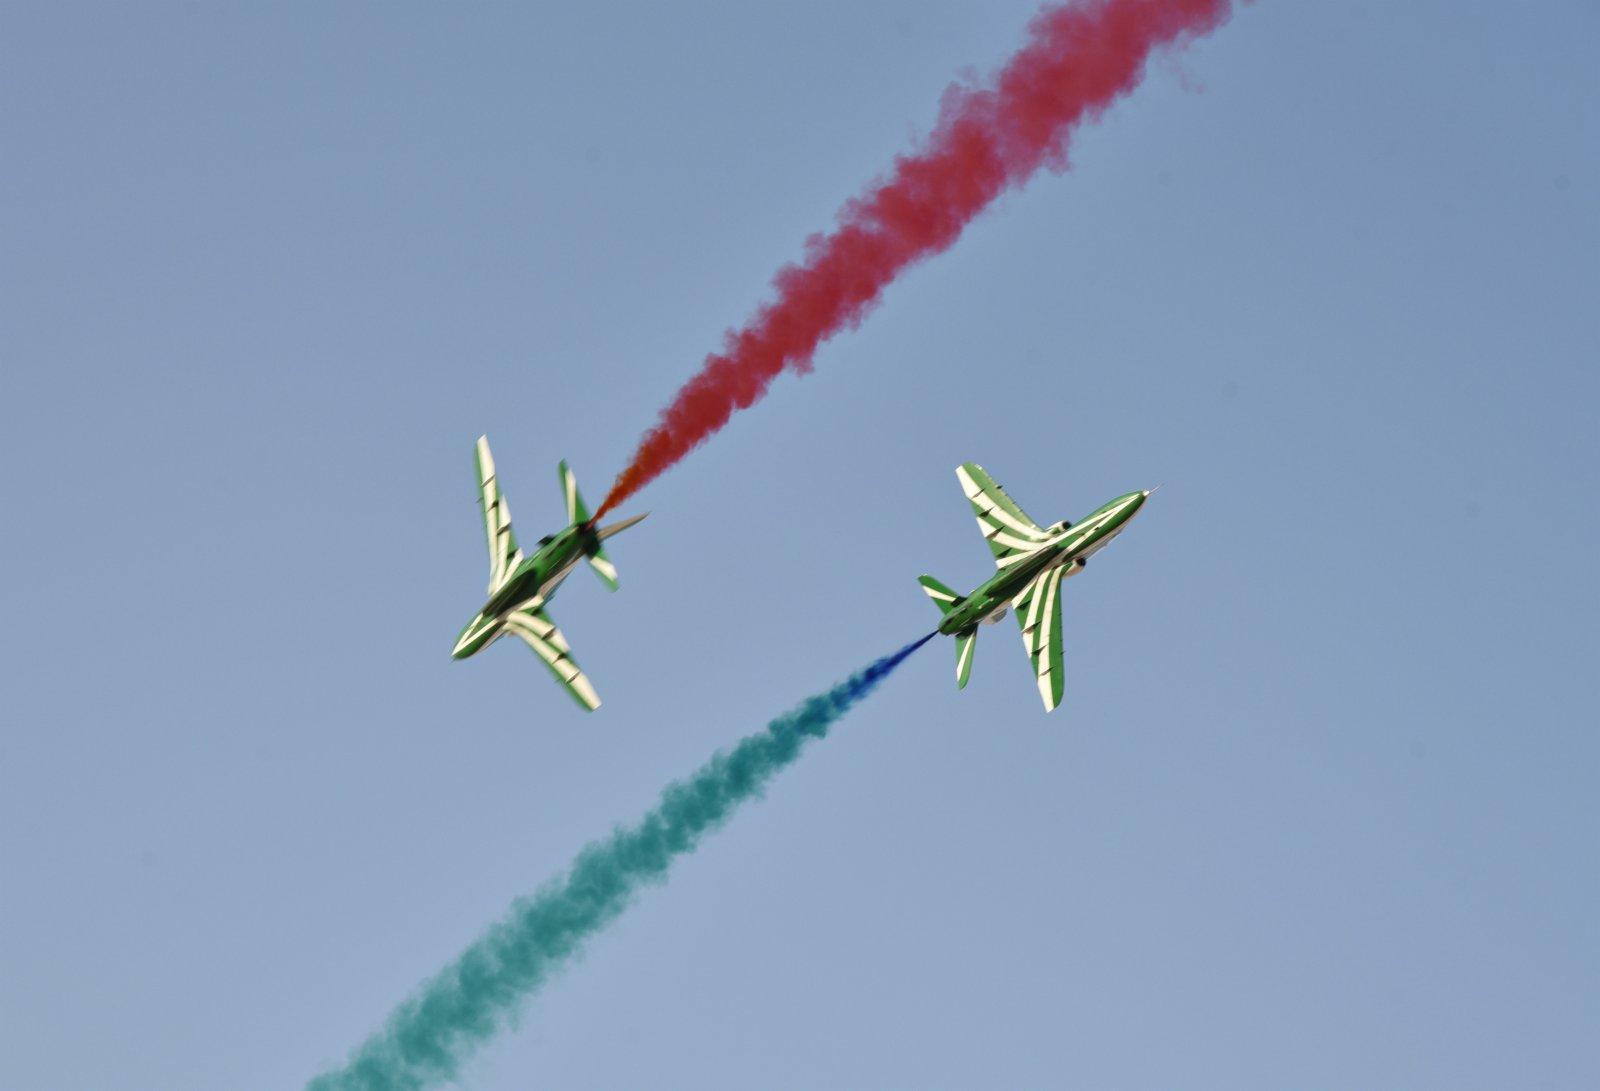 9月22日,在沙特阿拉伯首都利雅得,飛機在進行低空飛行並噴射彩煙。(新華社)